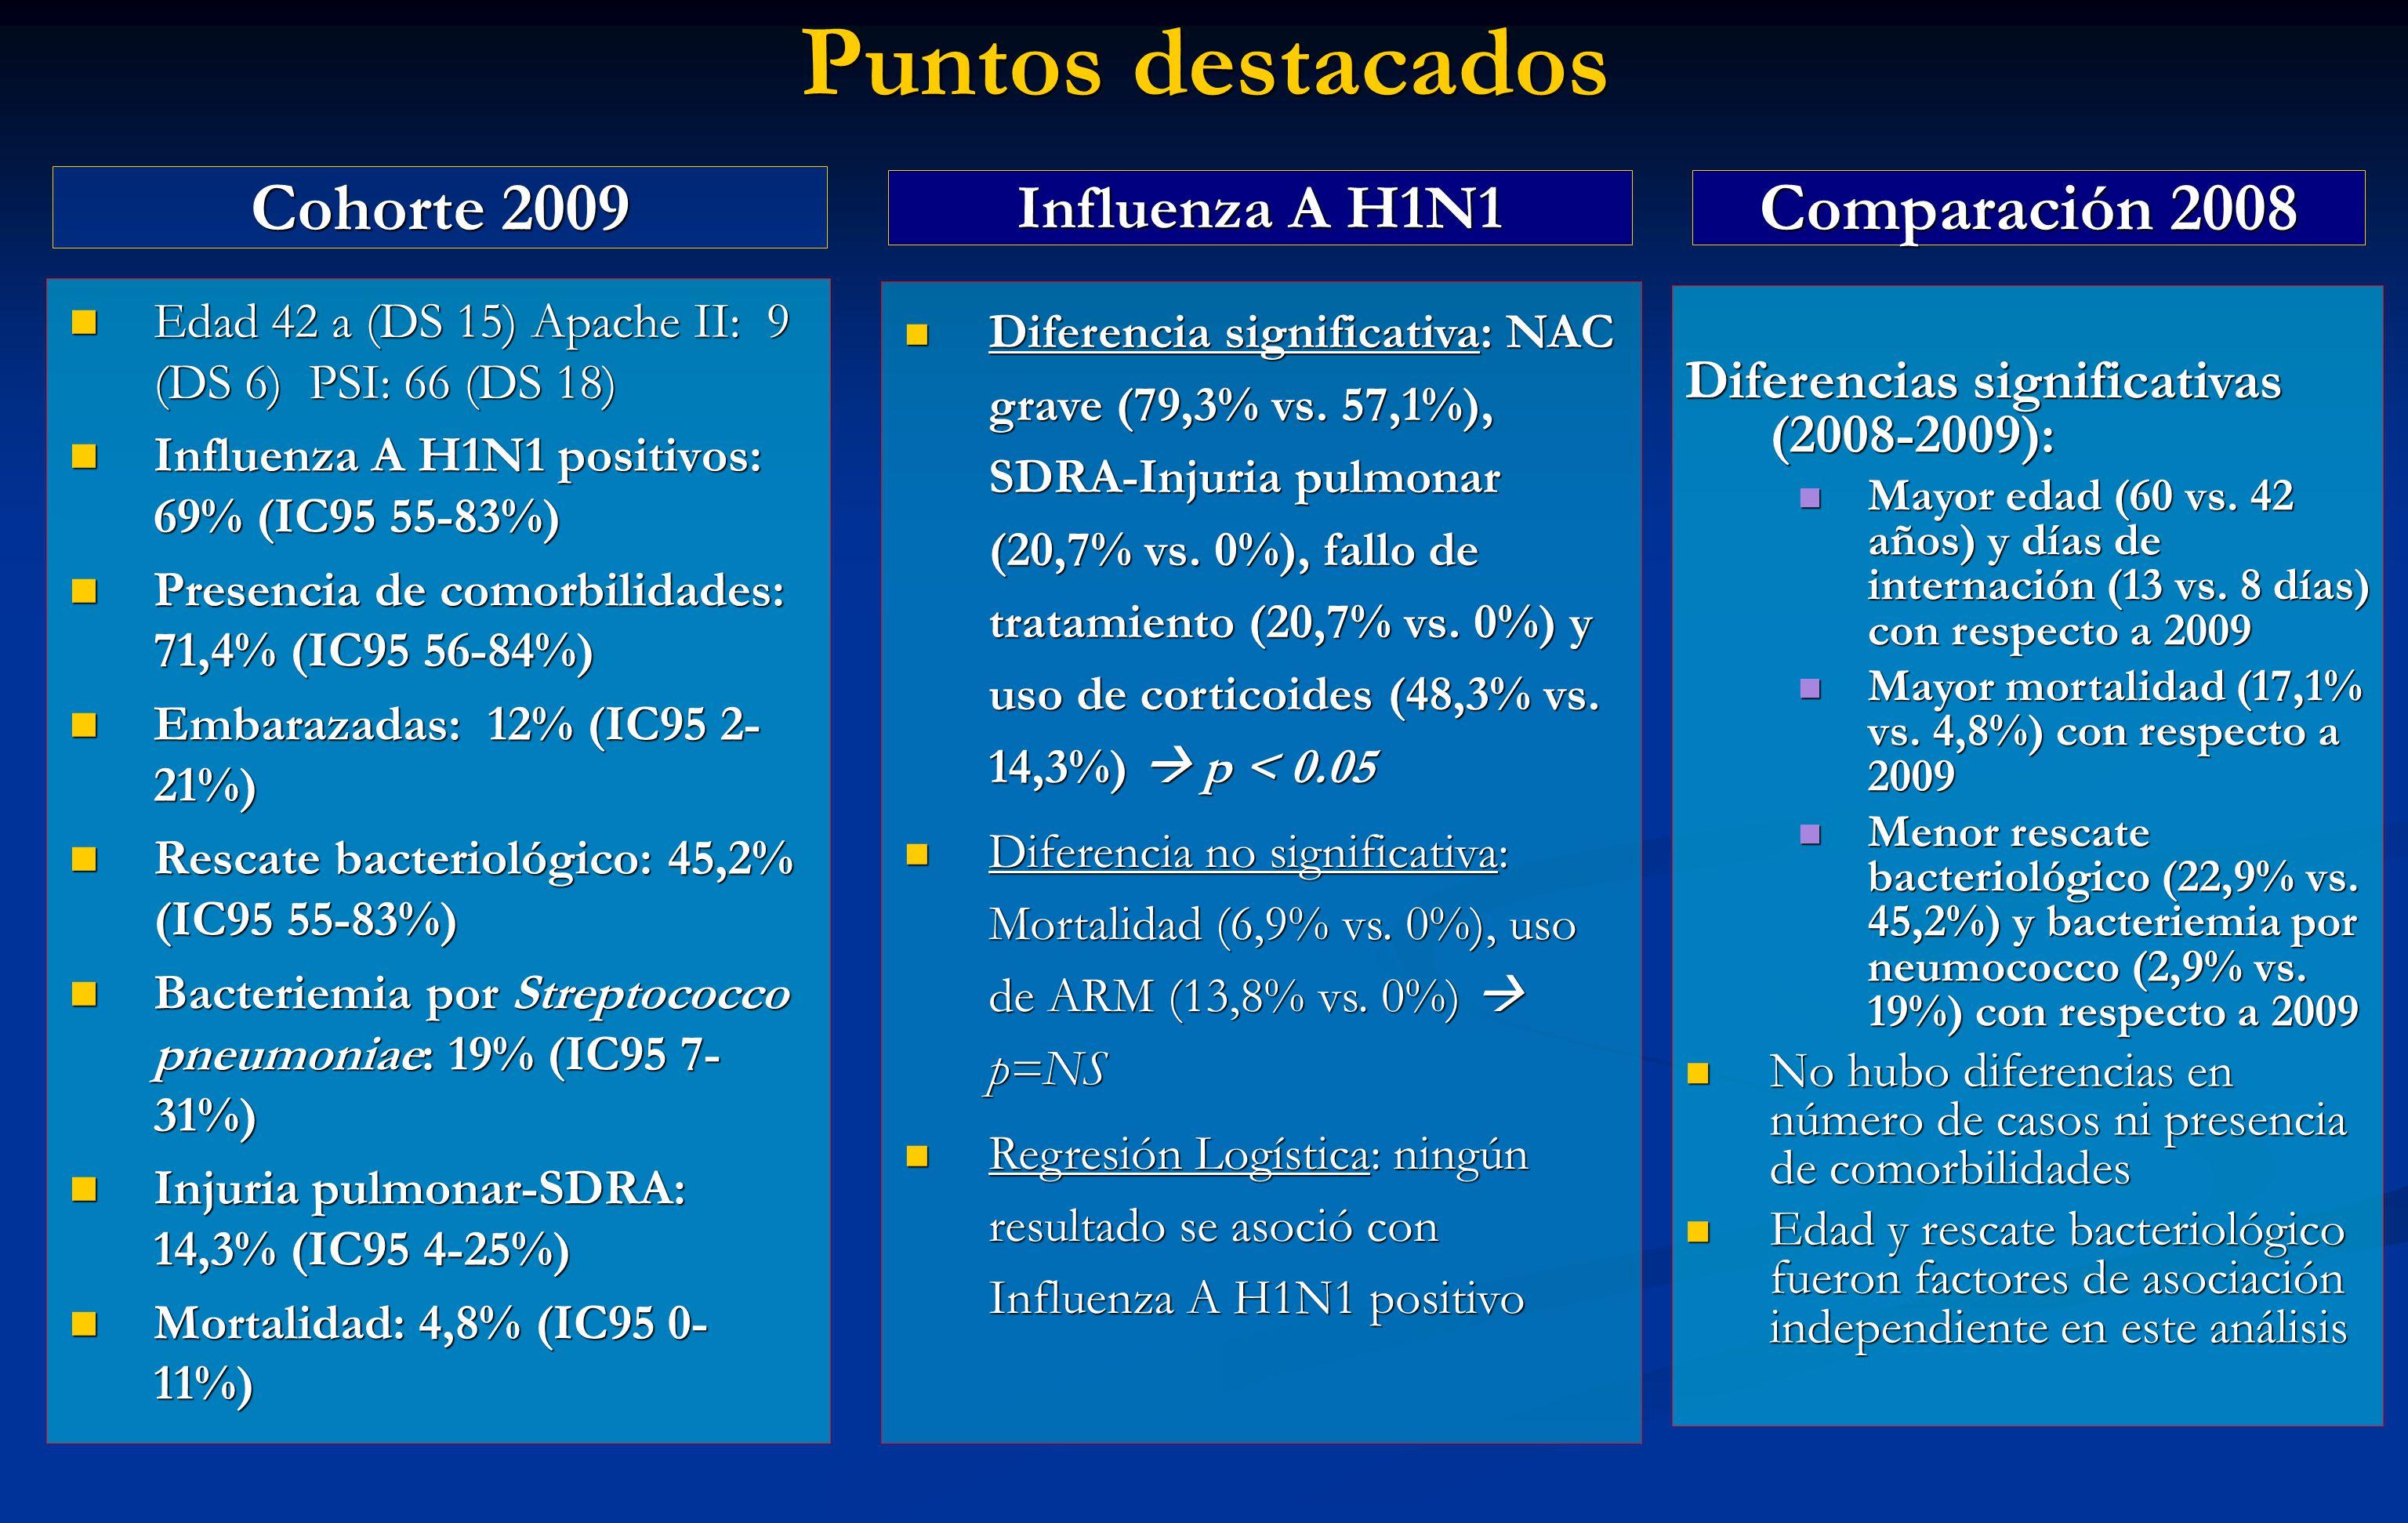 Cohorte 2009 Edad 42 a (DS 15) Apache II: 9 (DS 6) PSI: 66 (DS 18) Edad 42 a (DS 15) Apache II: 9 (DS 6) PSI: 66 (DS 18) Influenza A H1N1 positivos: 6